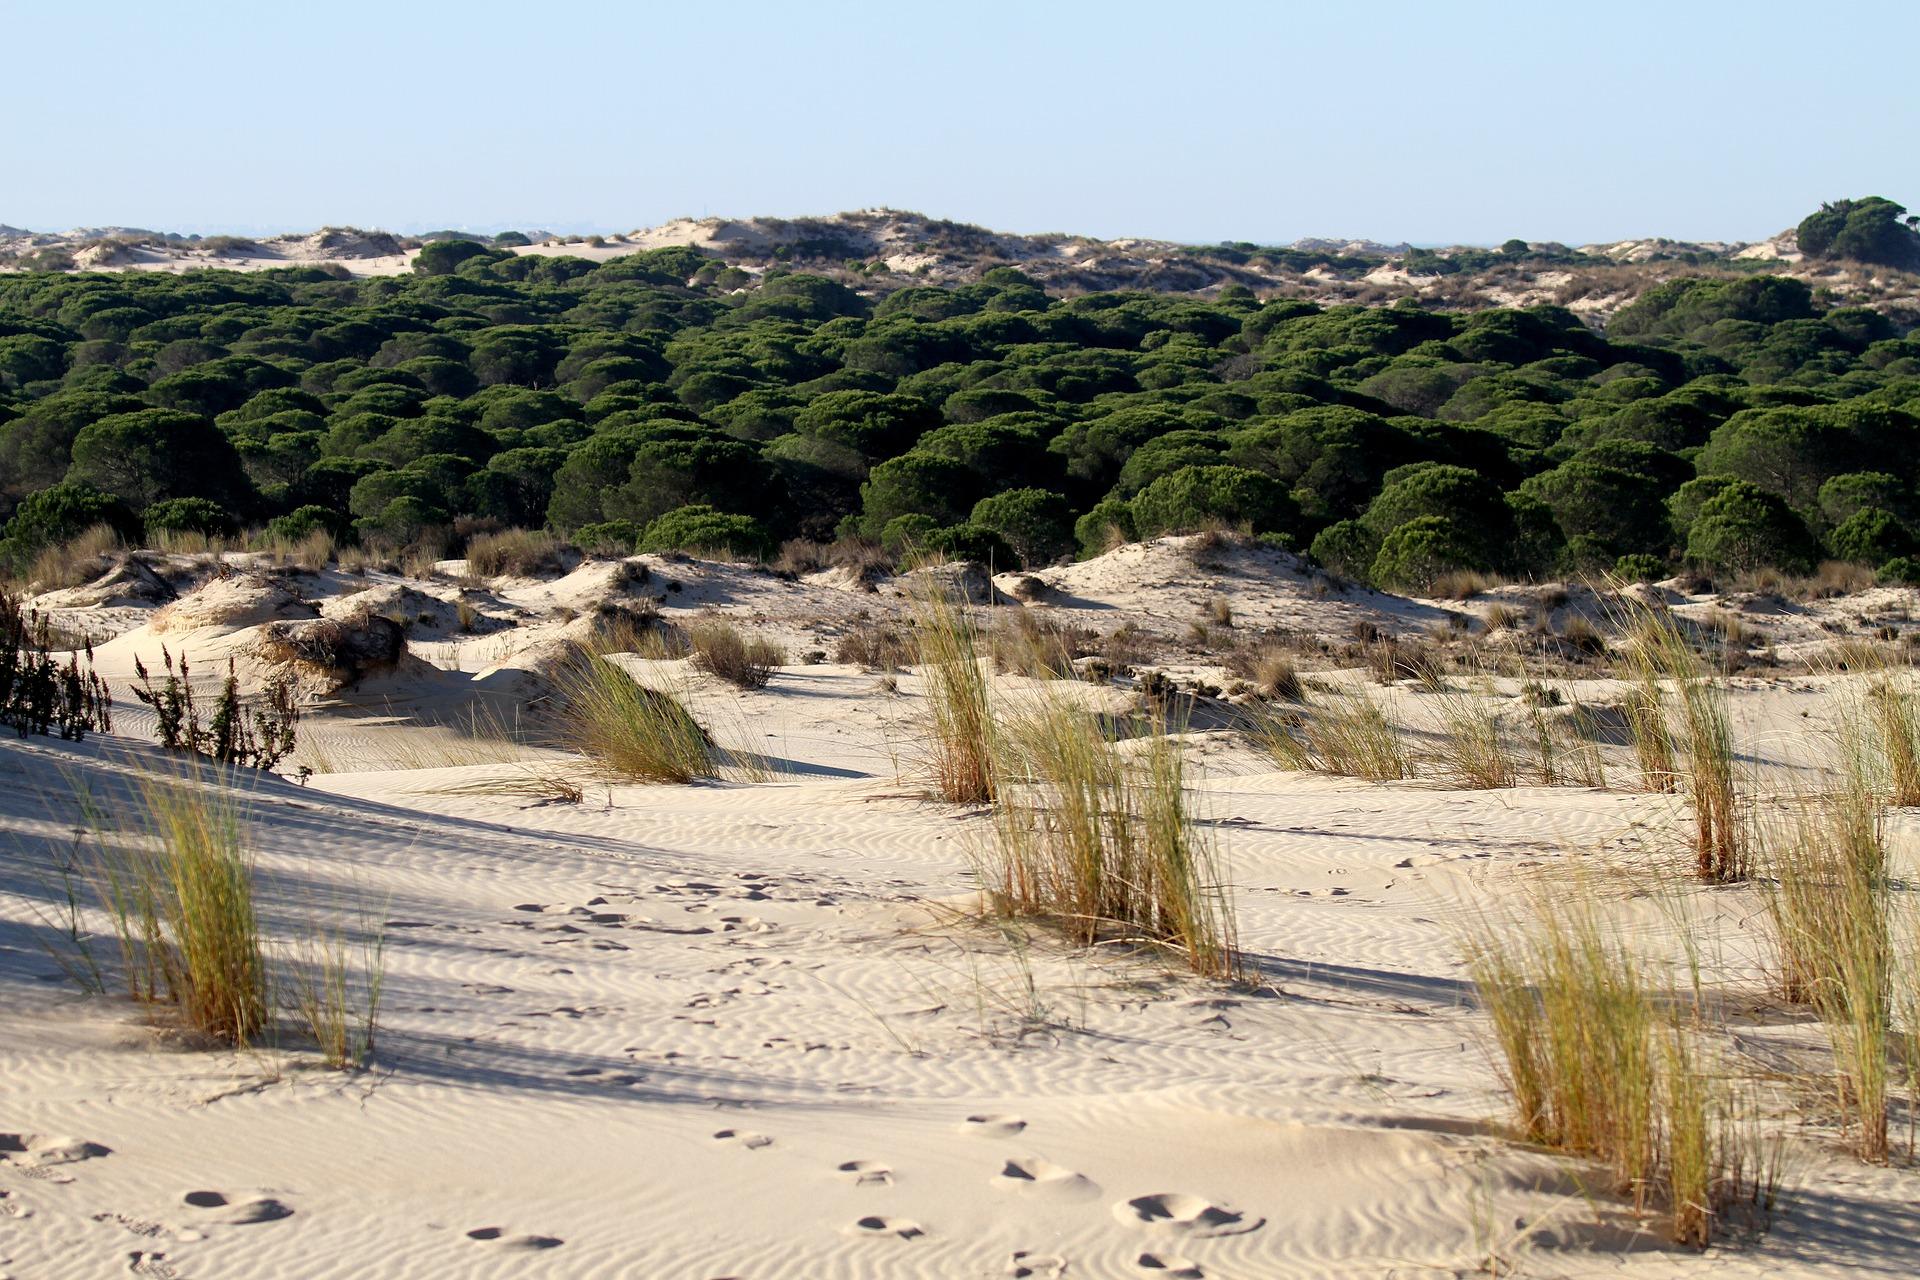 El día europeo de los parques naturales con el club ecoturismo en España y esta selección de parques entre los que se encuentra el de Doñana